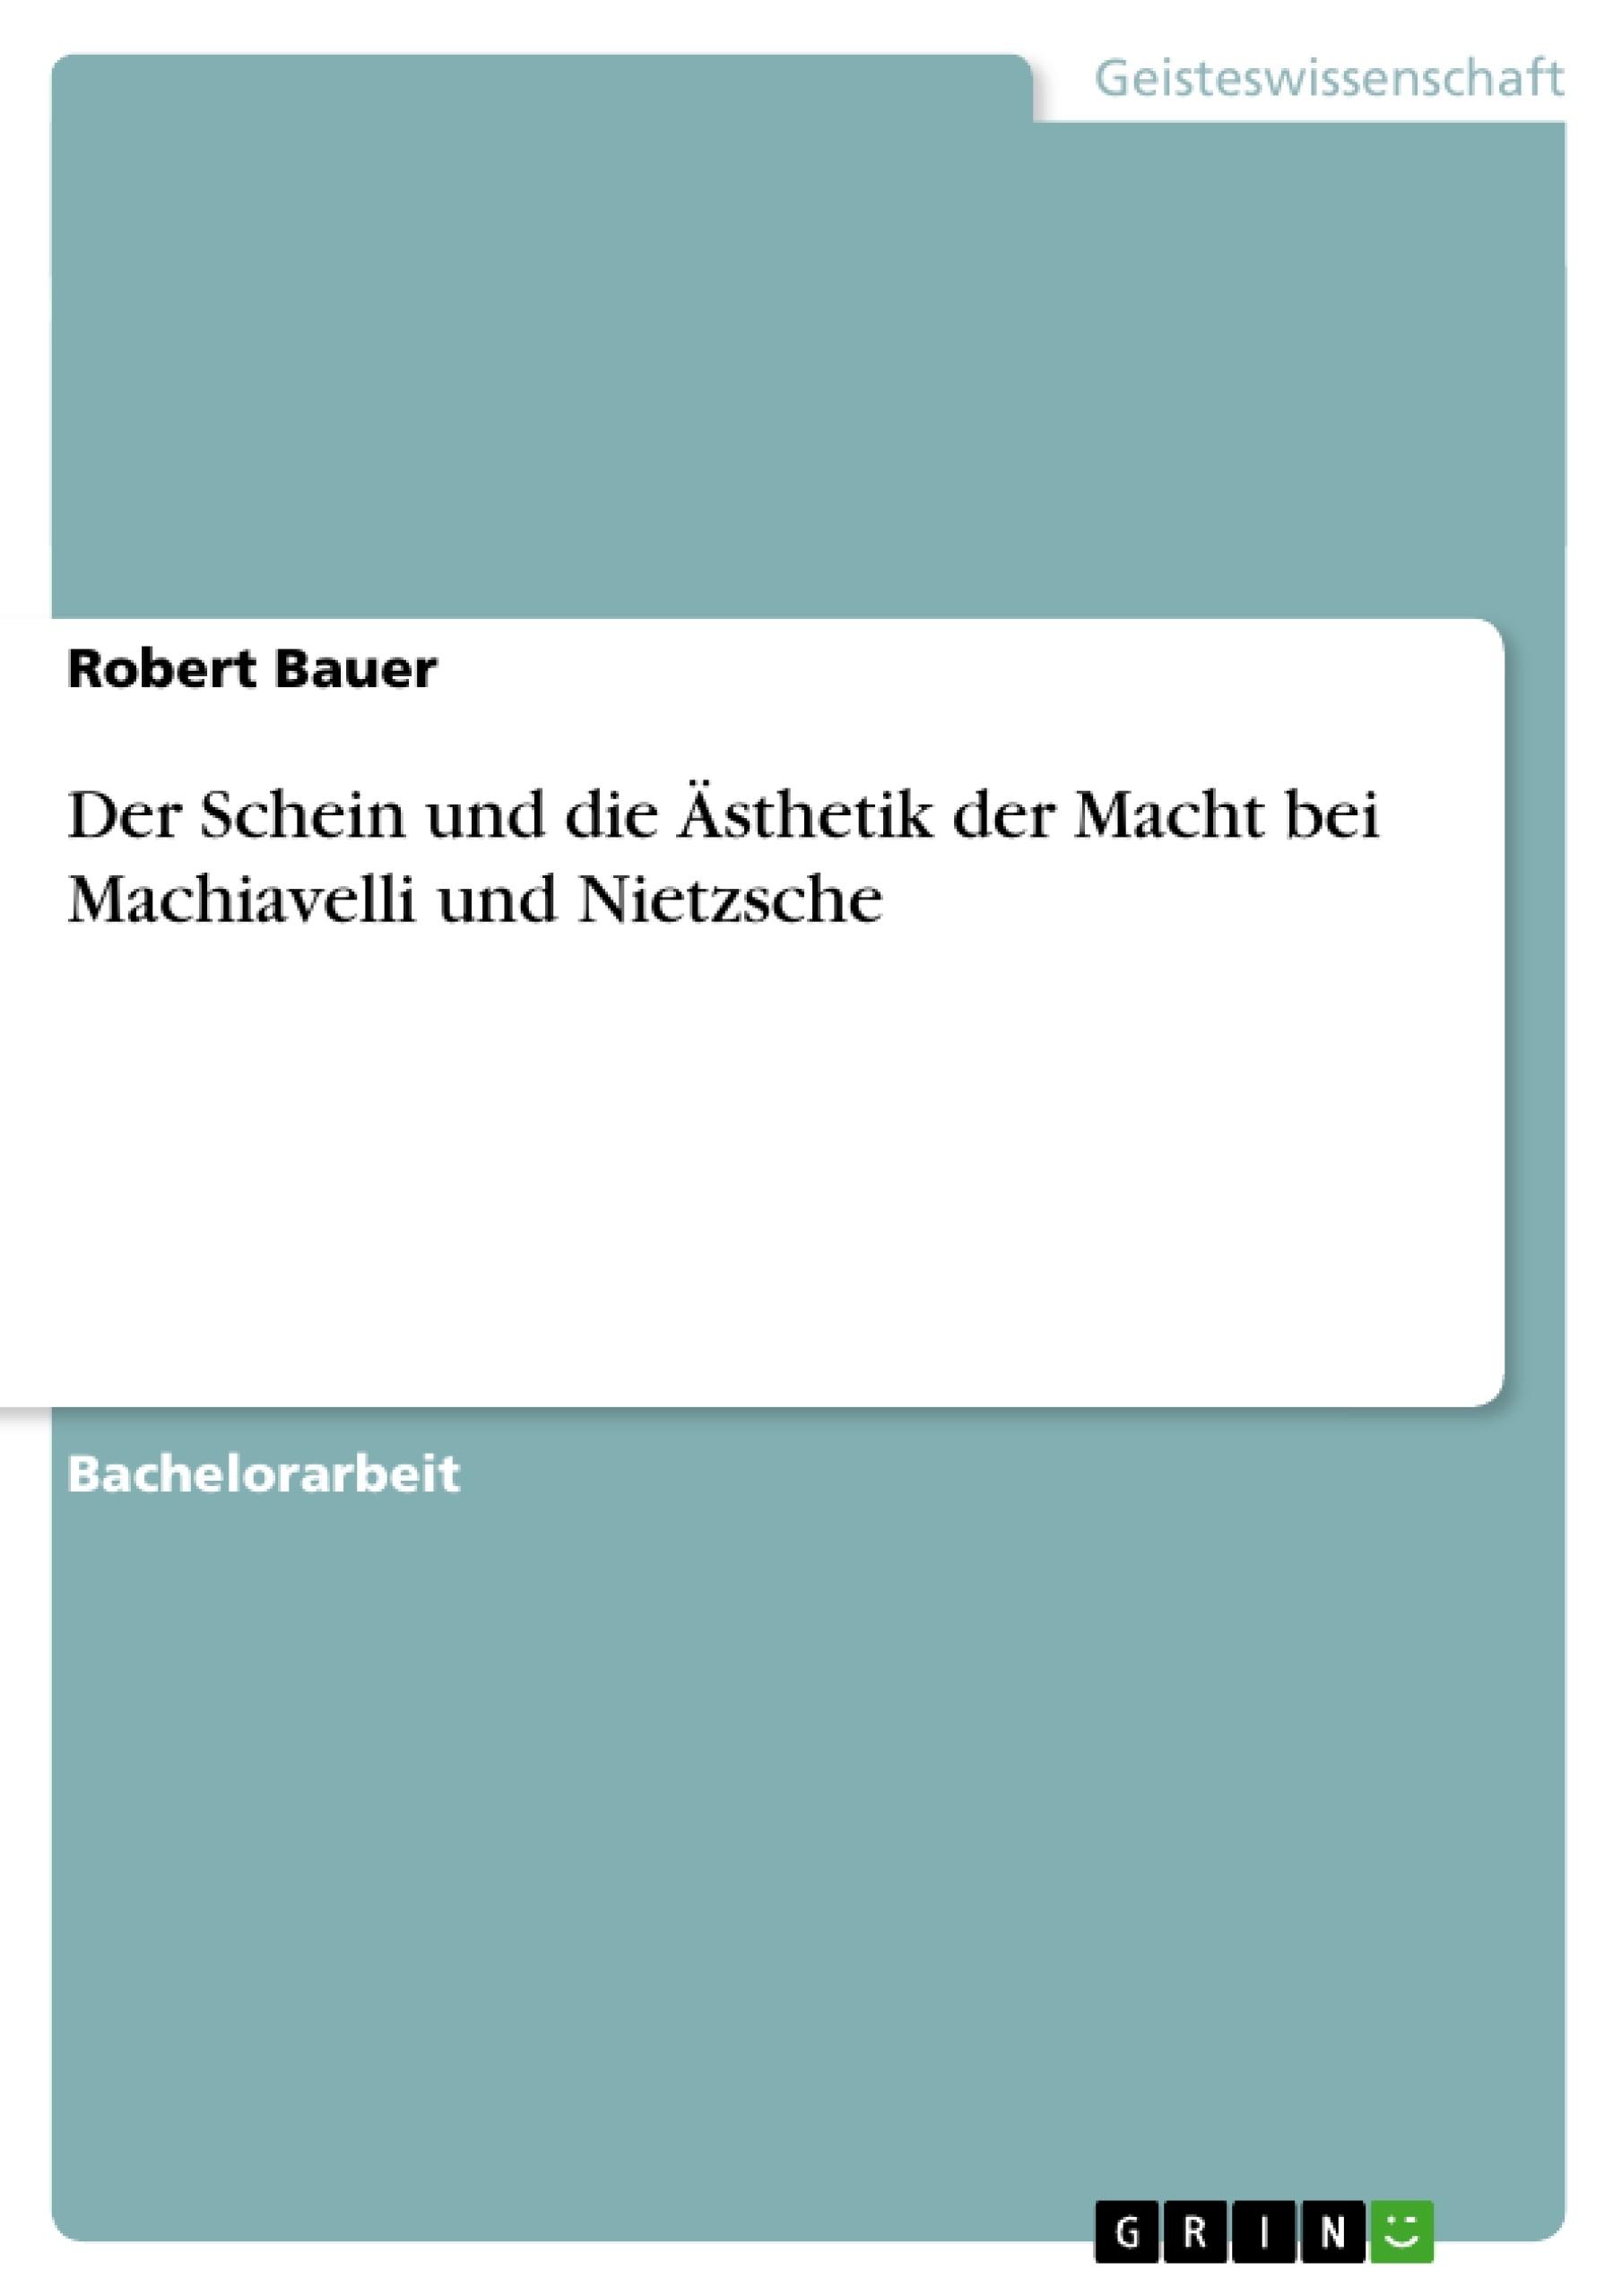 Titel: Der Schein und die Ästhetik der Macht bei Machiavelli und Nietzsche